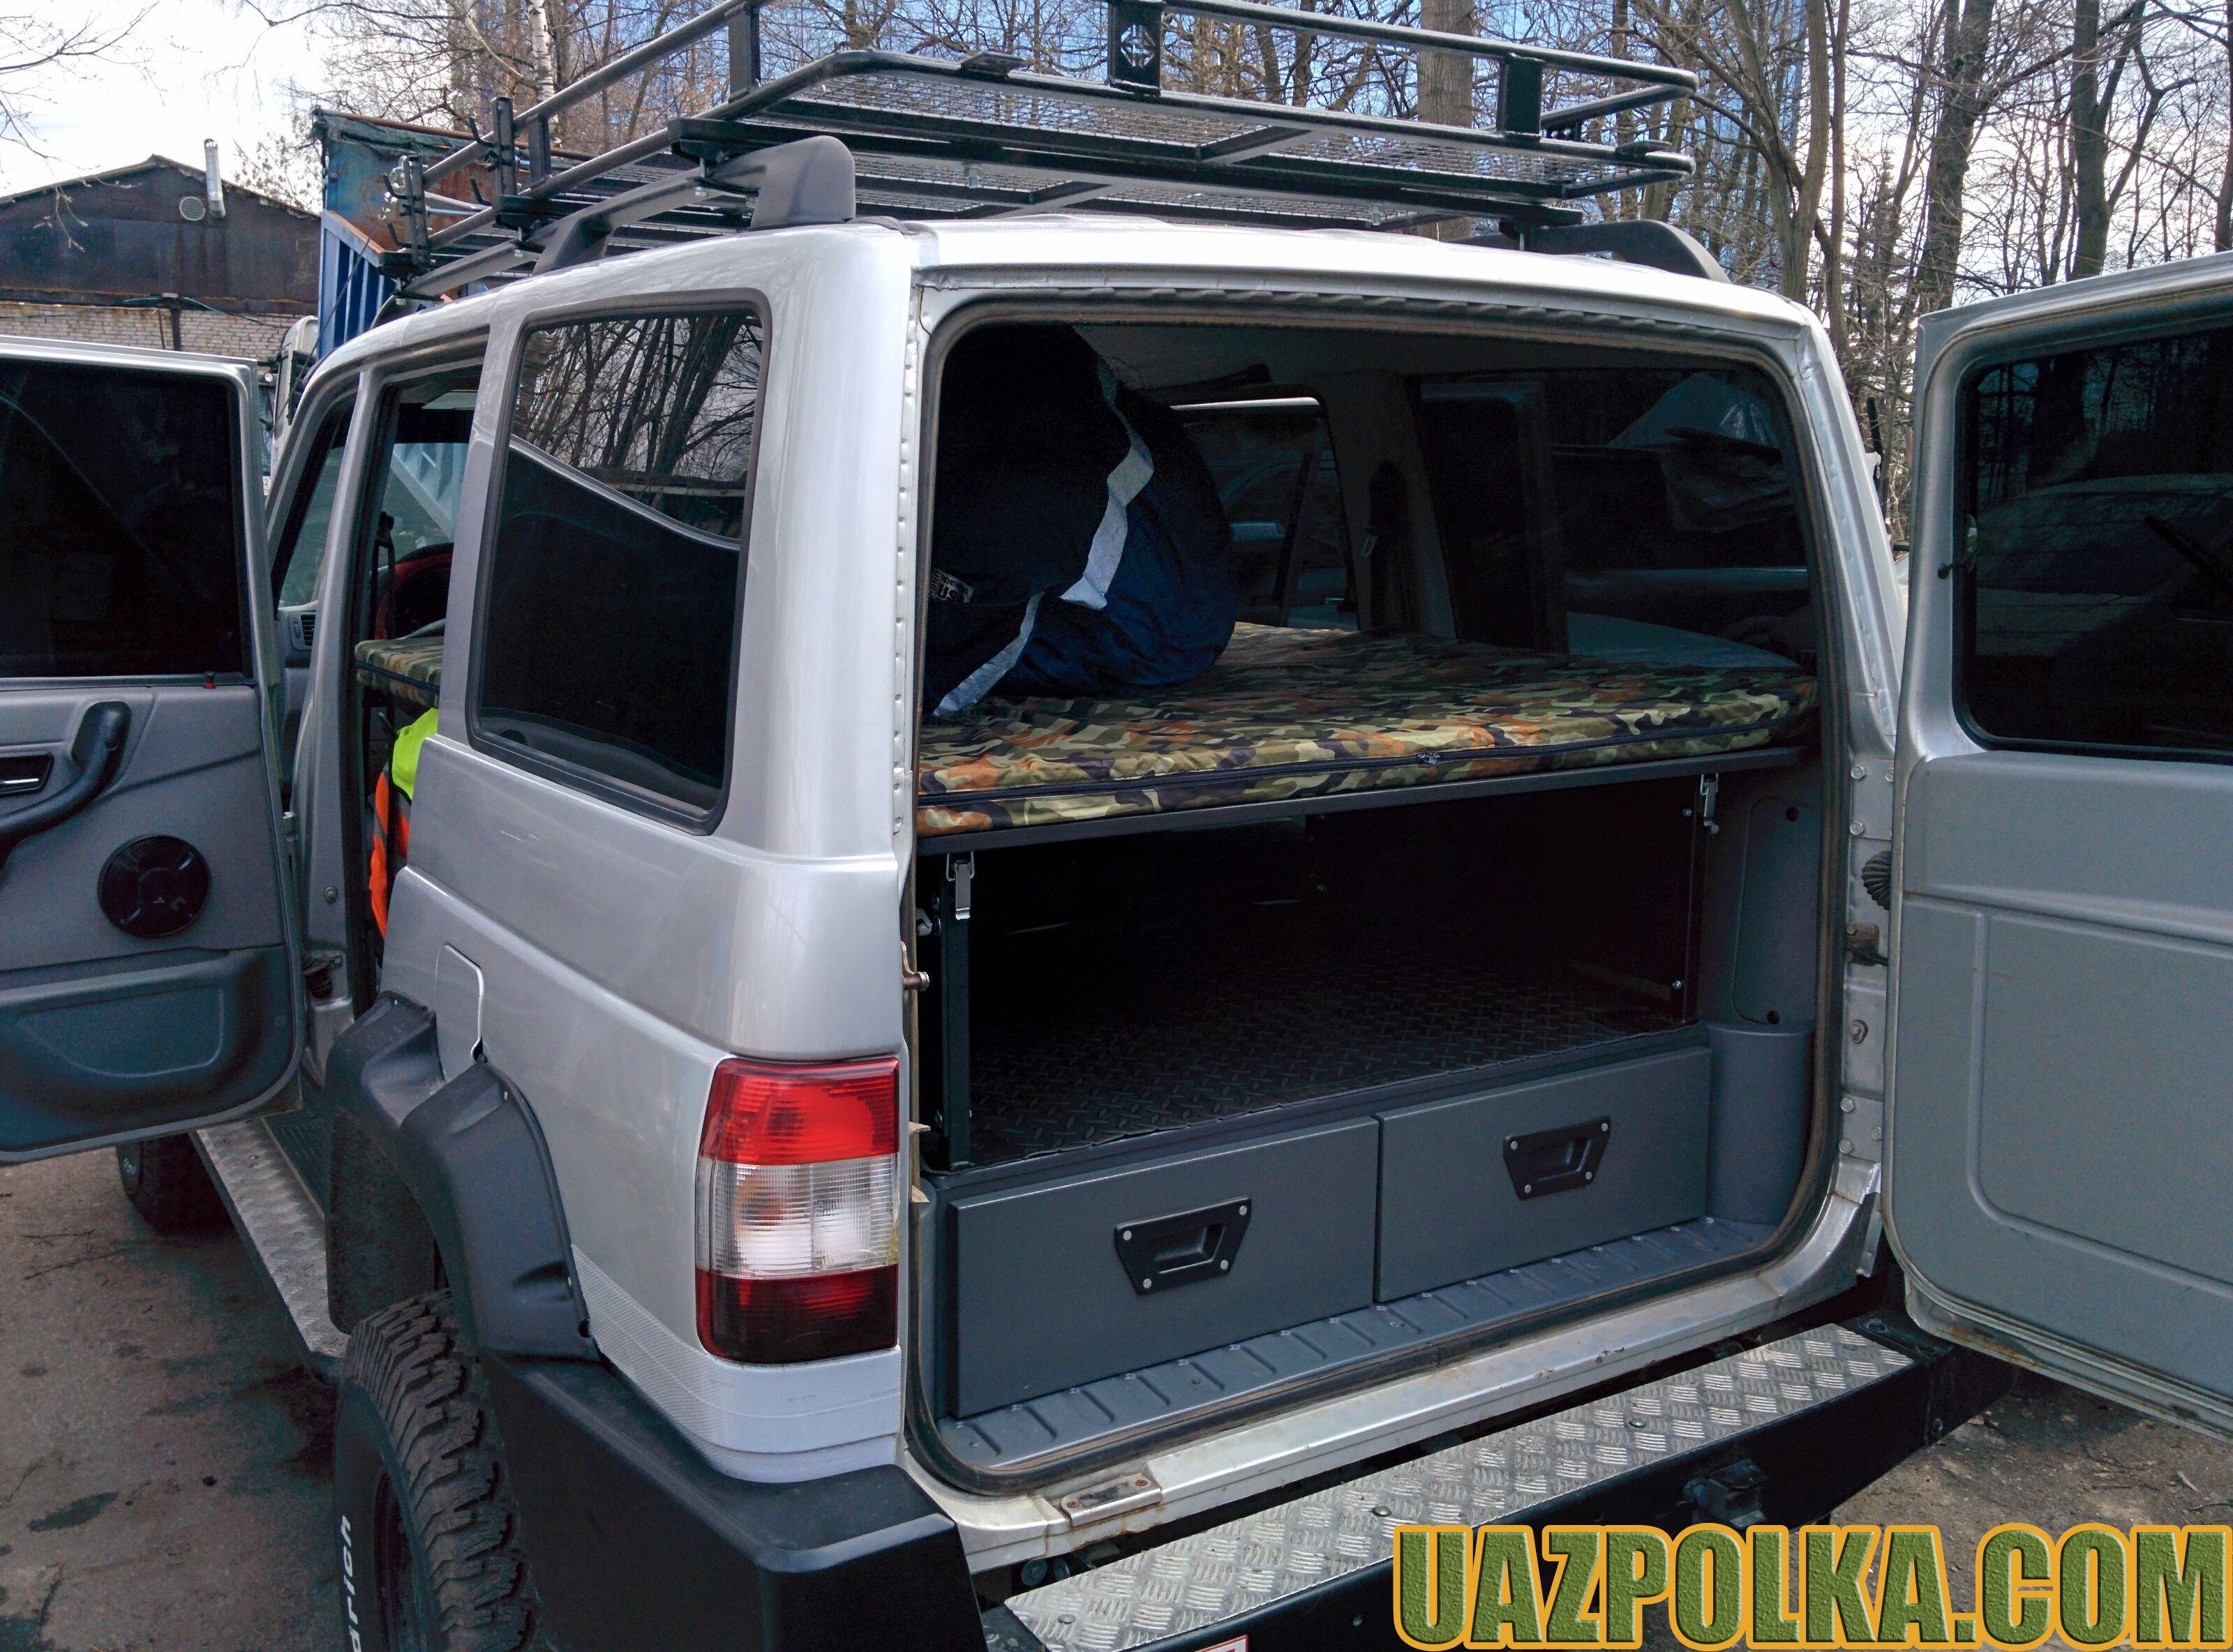 Полка Эконом New с лежанкой на ящиках стороннего производителя_15